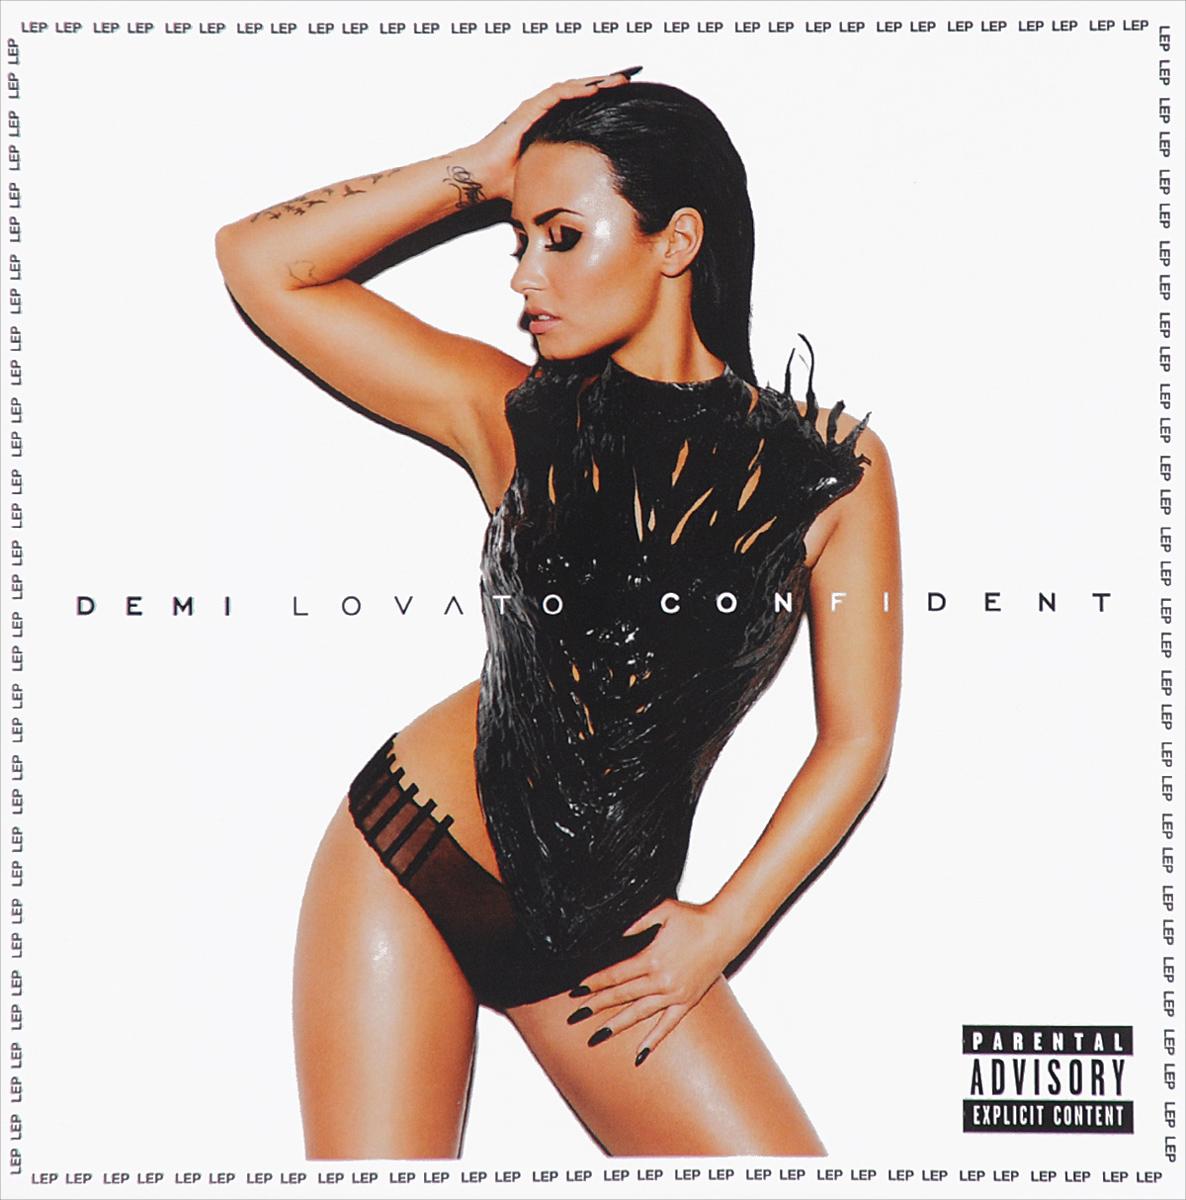 Дэми Ловато Demi Lovato. Confident demi lovato chile